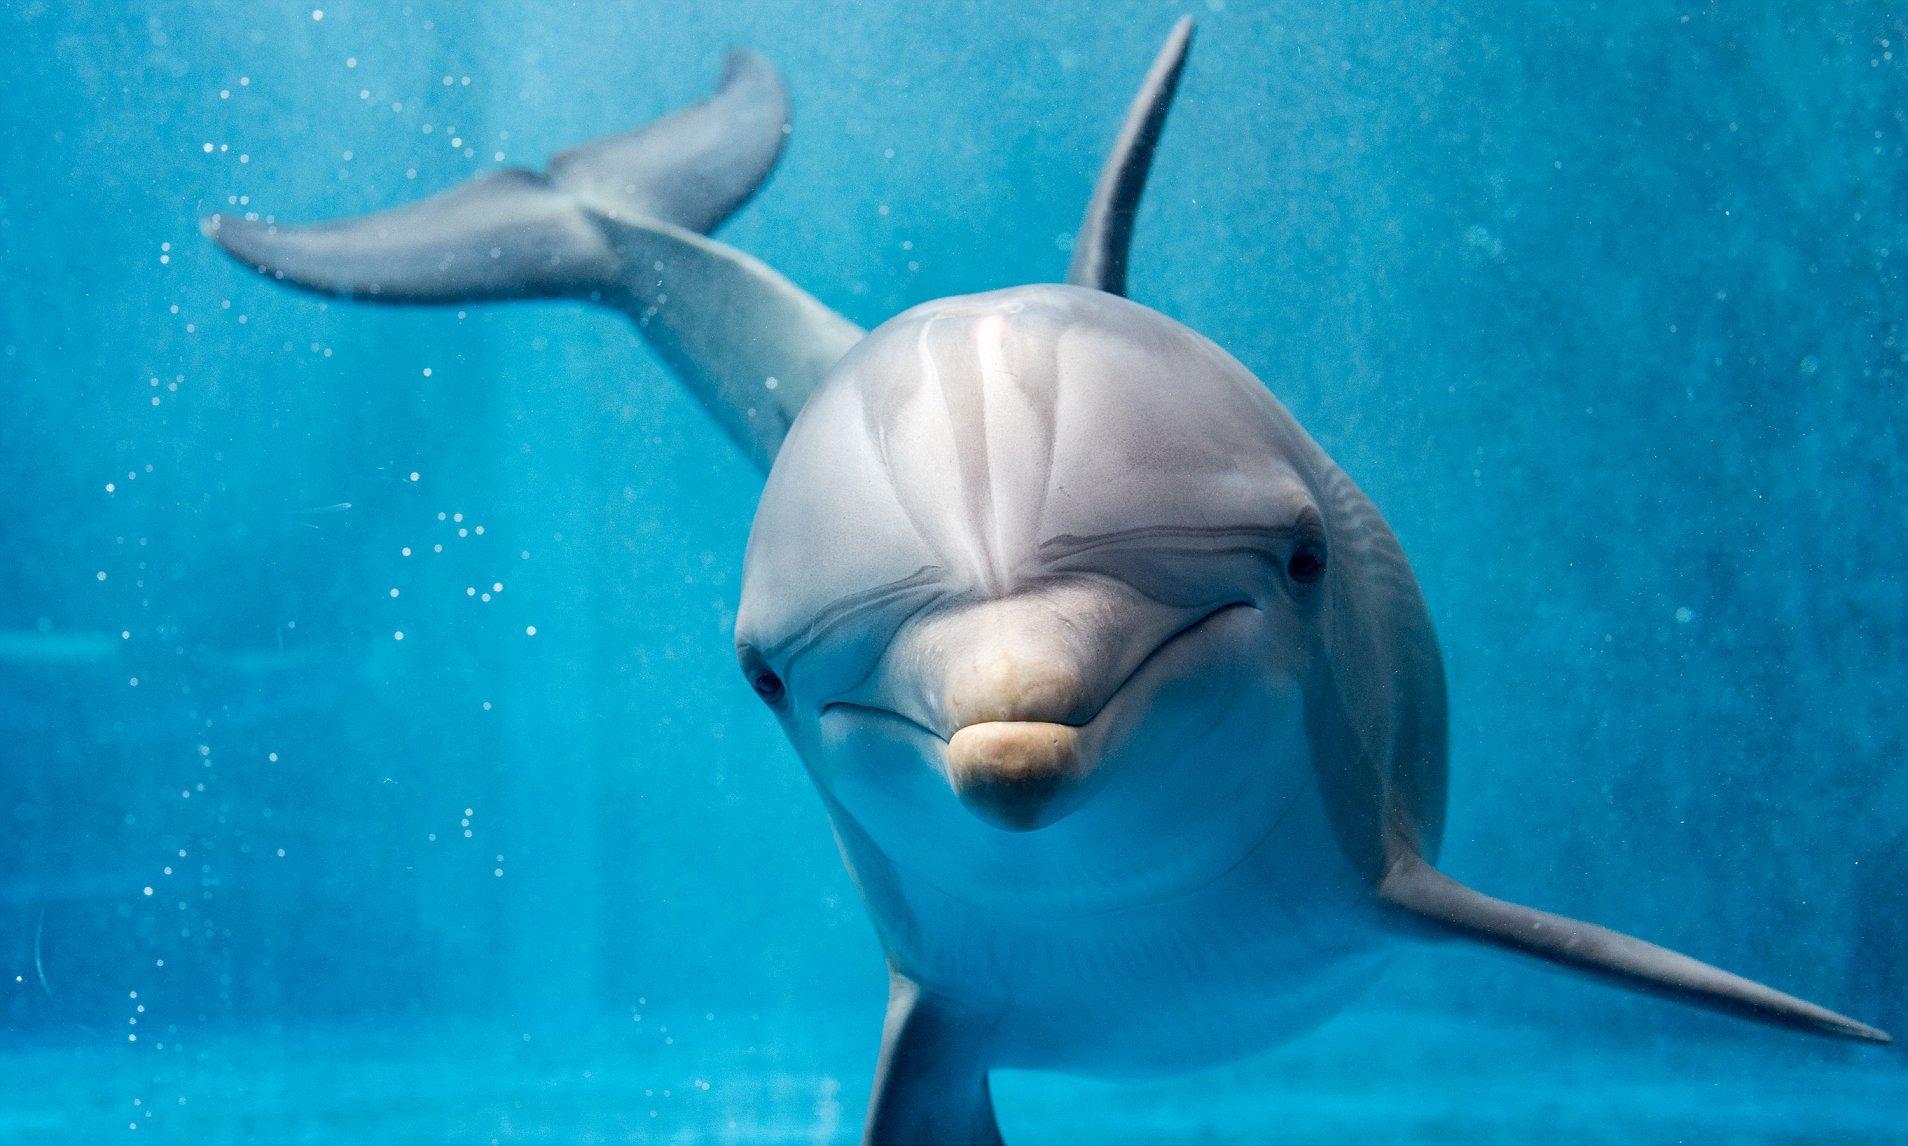 Sigue moderando, solo hay algunos delfines por aqui - meme